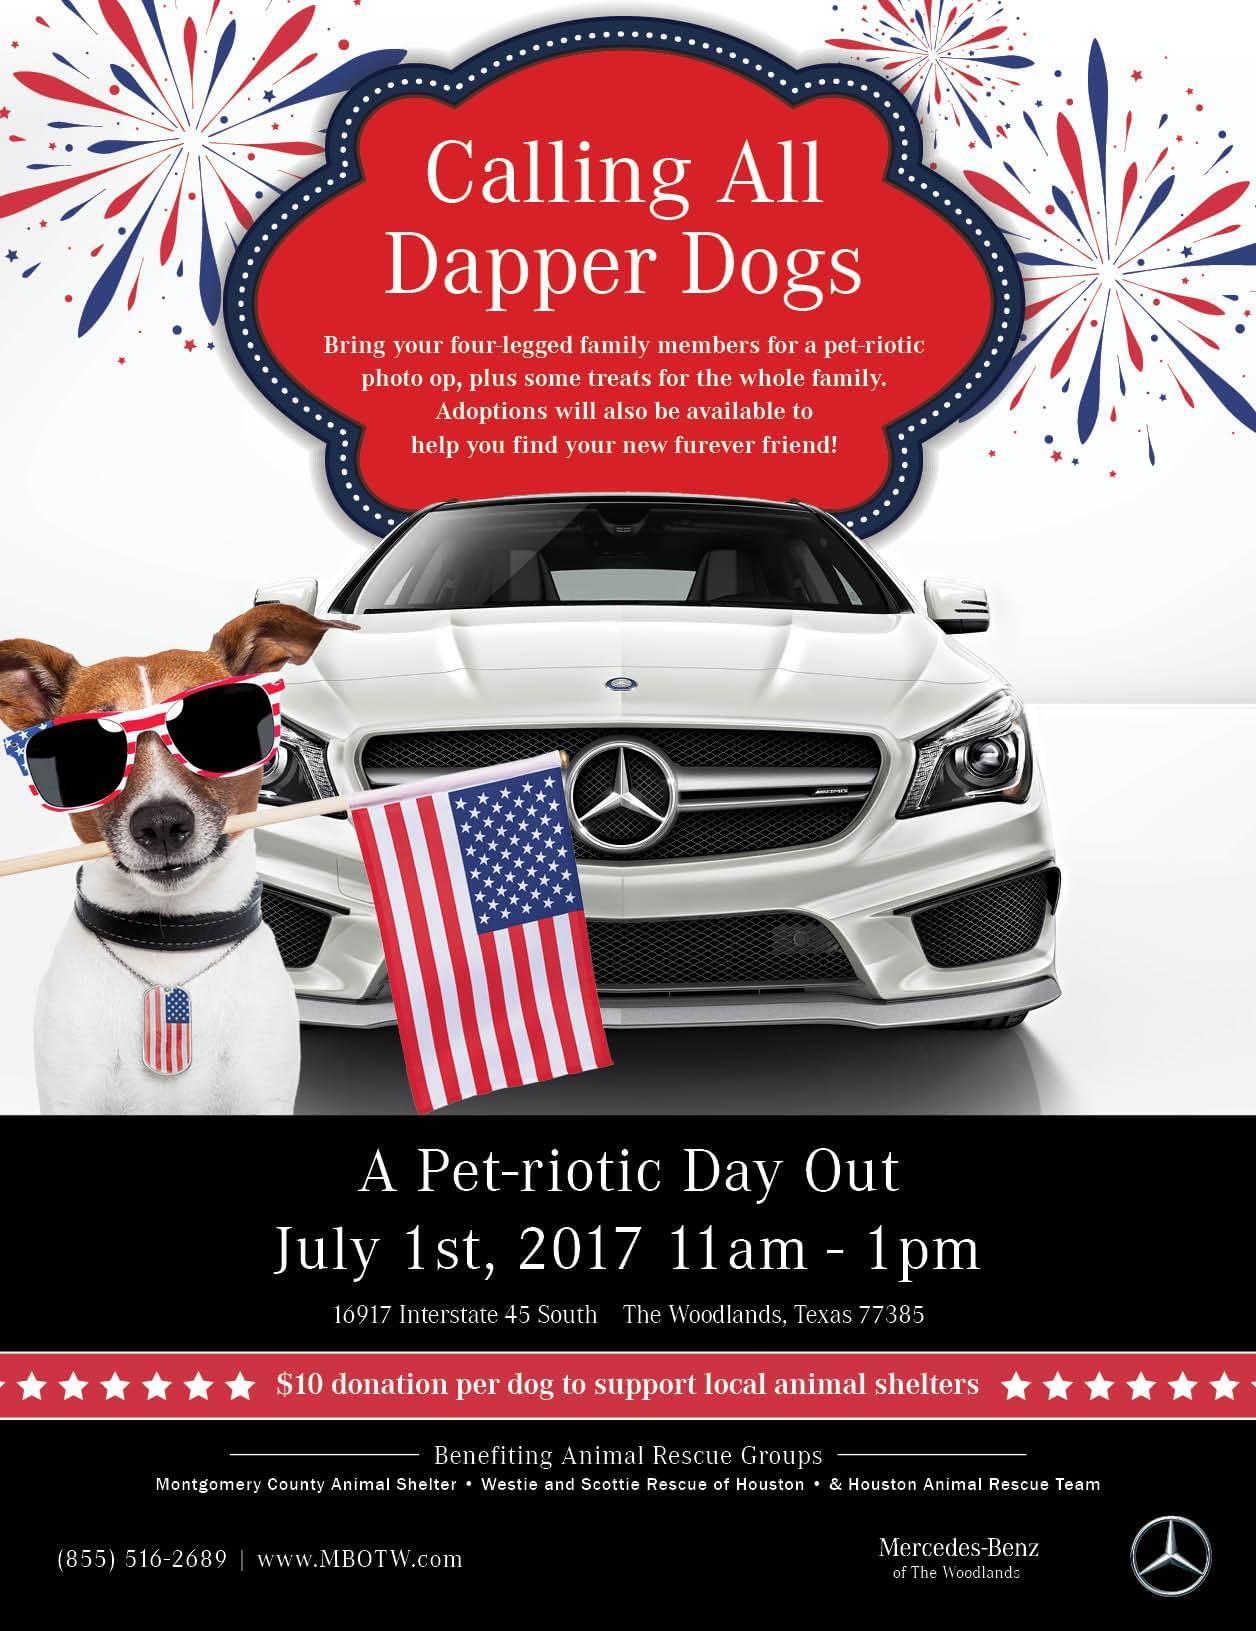 Mercedes-Benz of The Woodlands Pet-riotic FP ad June 2017-FINAL